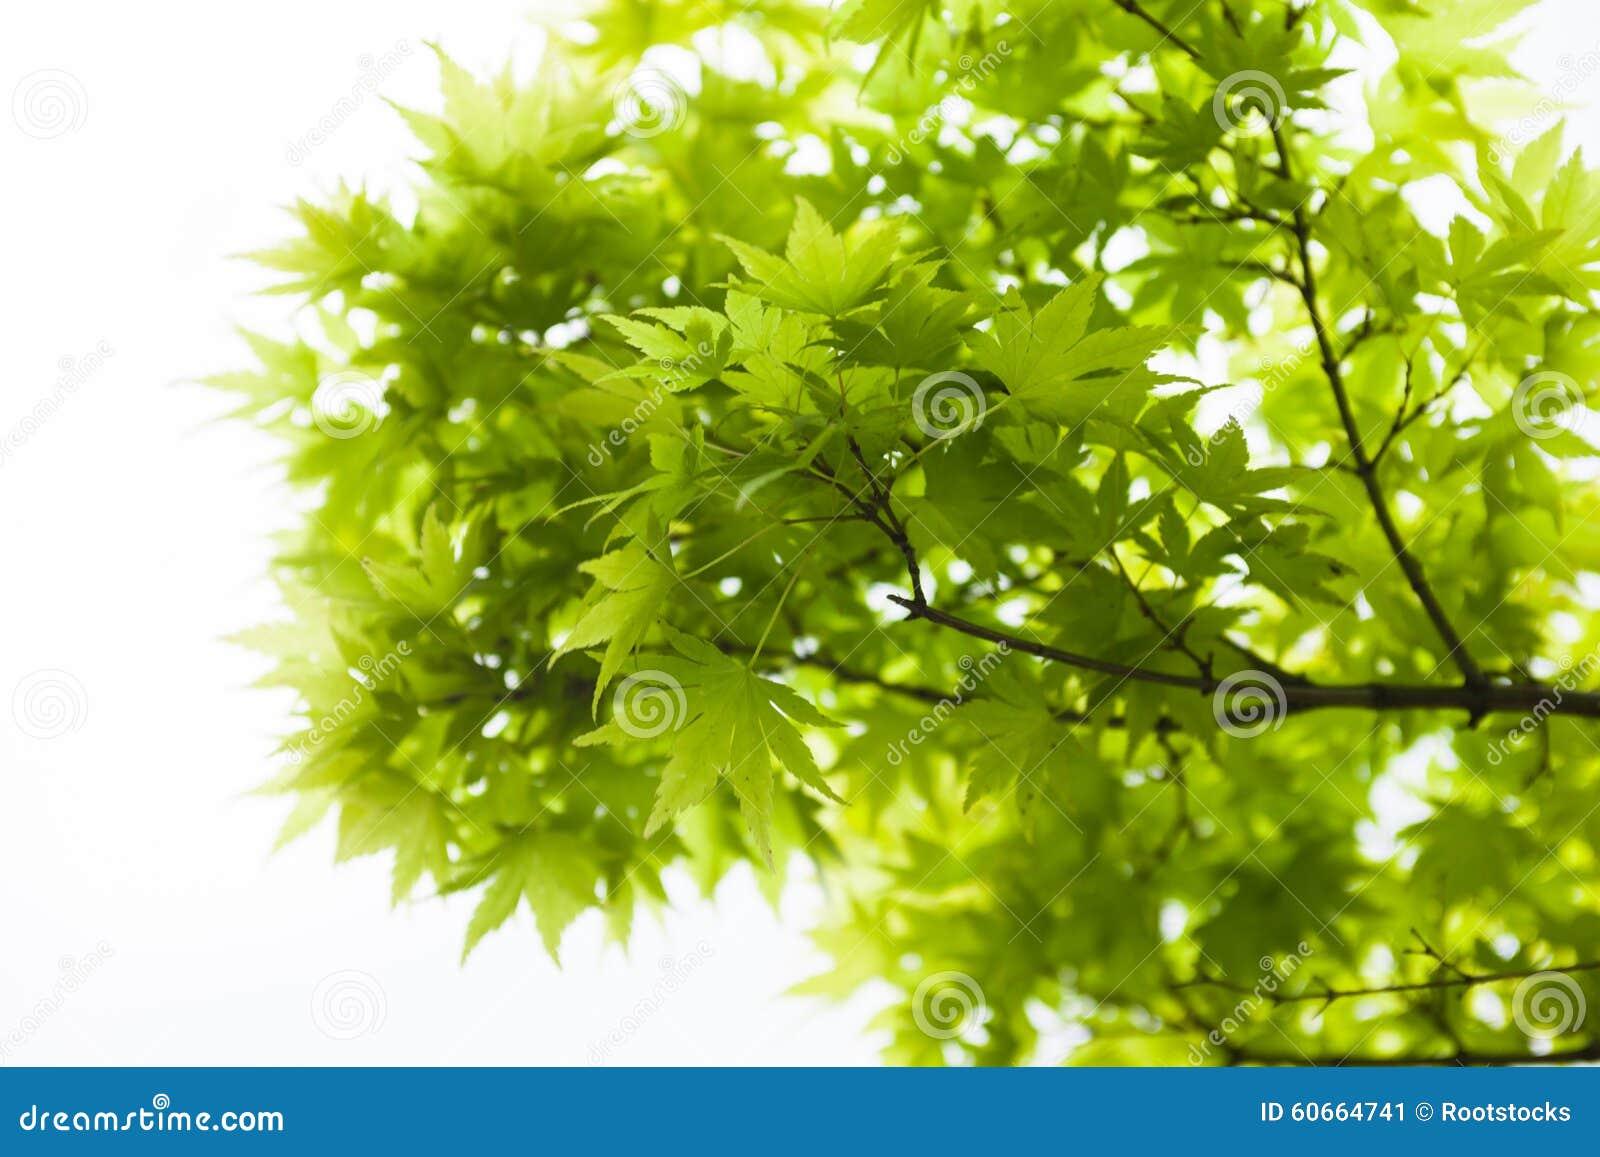 Acero Giapponese Verde foglie verdi dell'acero giapponese (acer palmatum) immagine